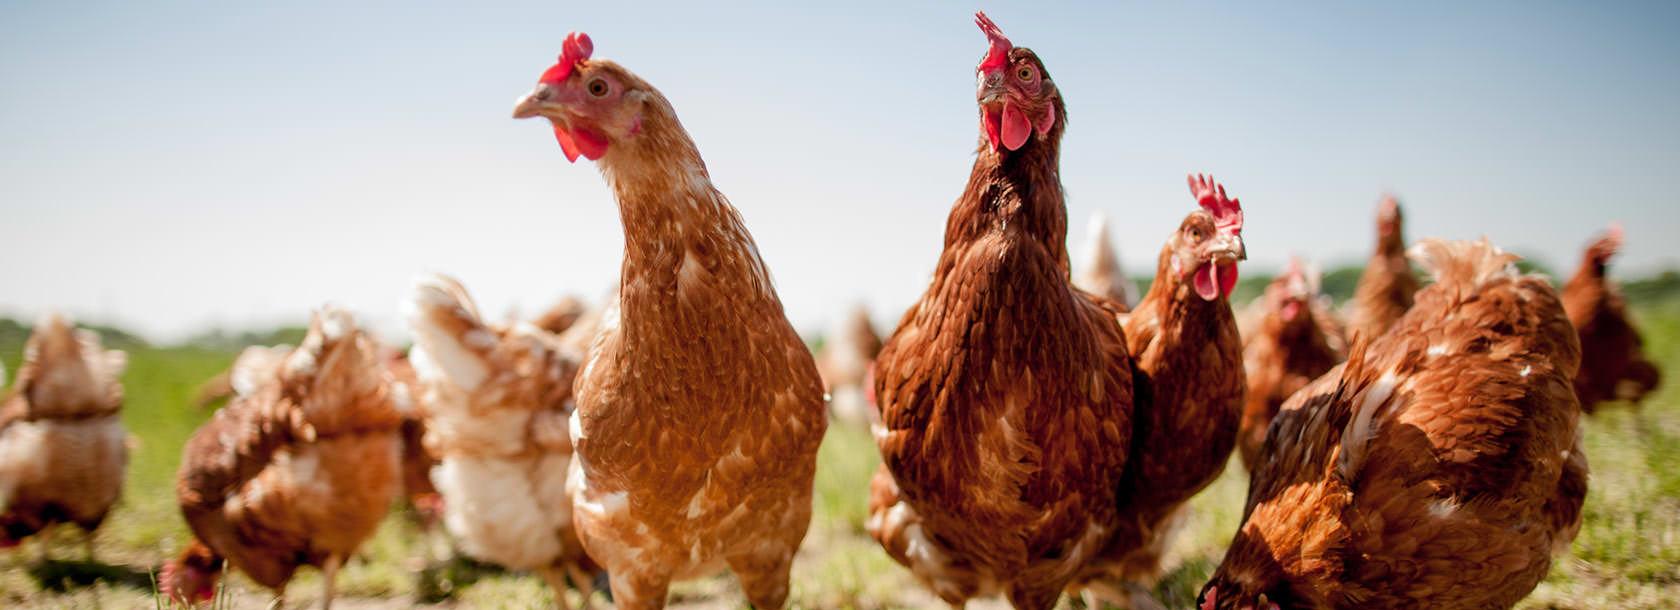 Glückliche Hühner auf dem Sonnenhof